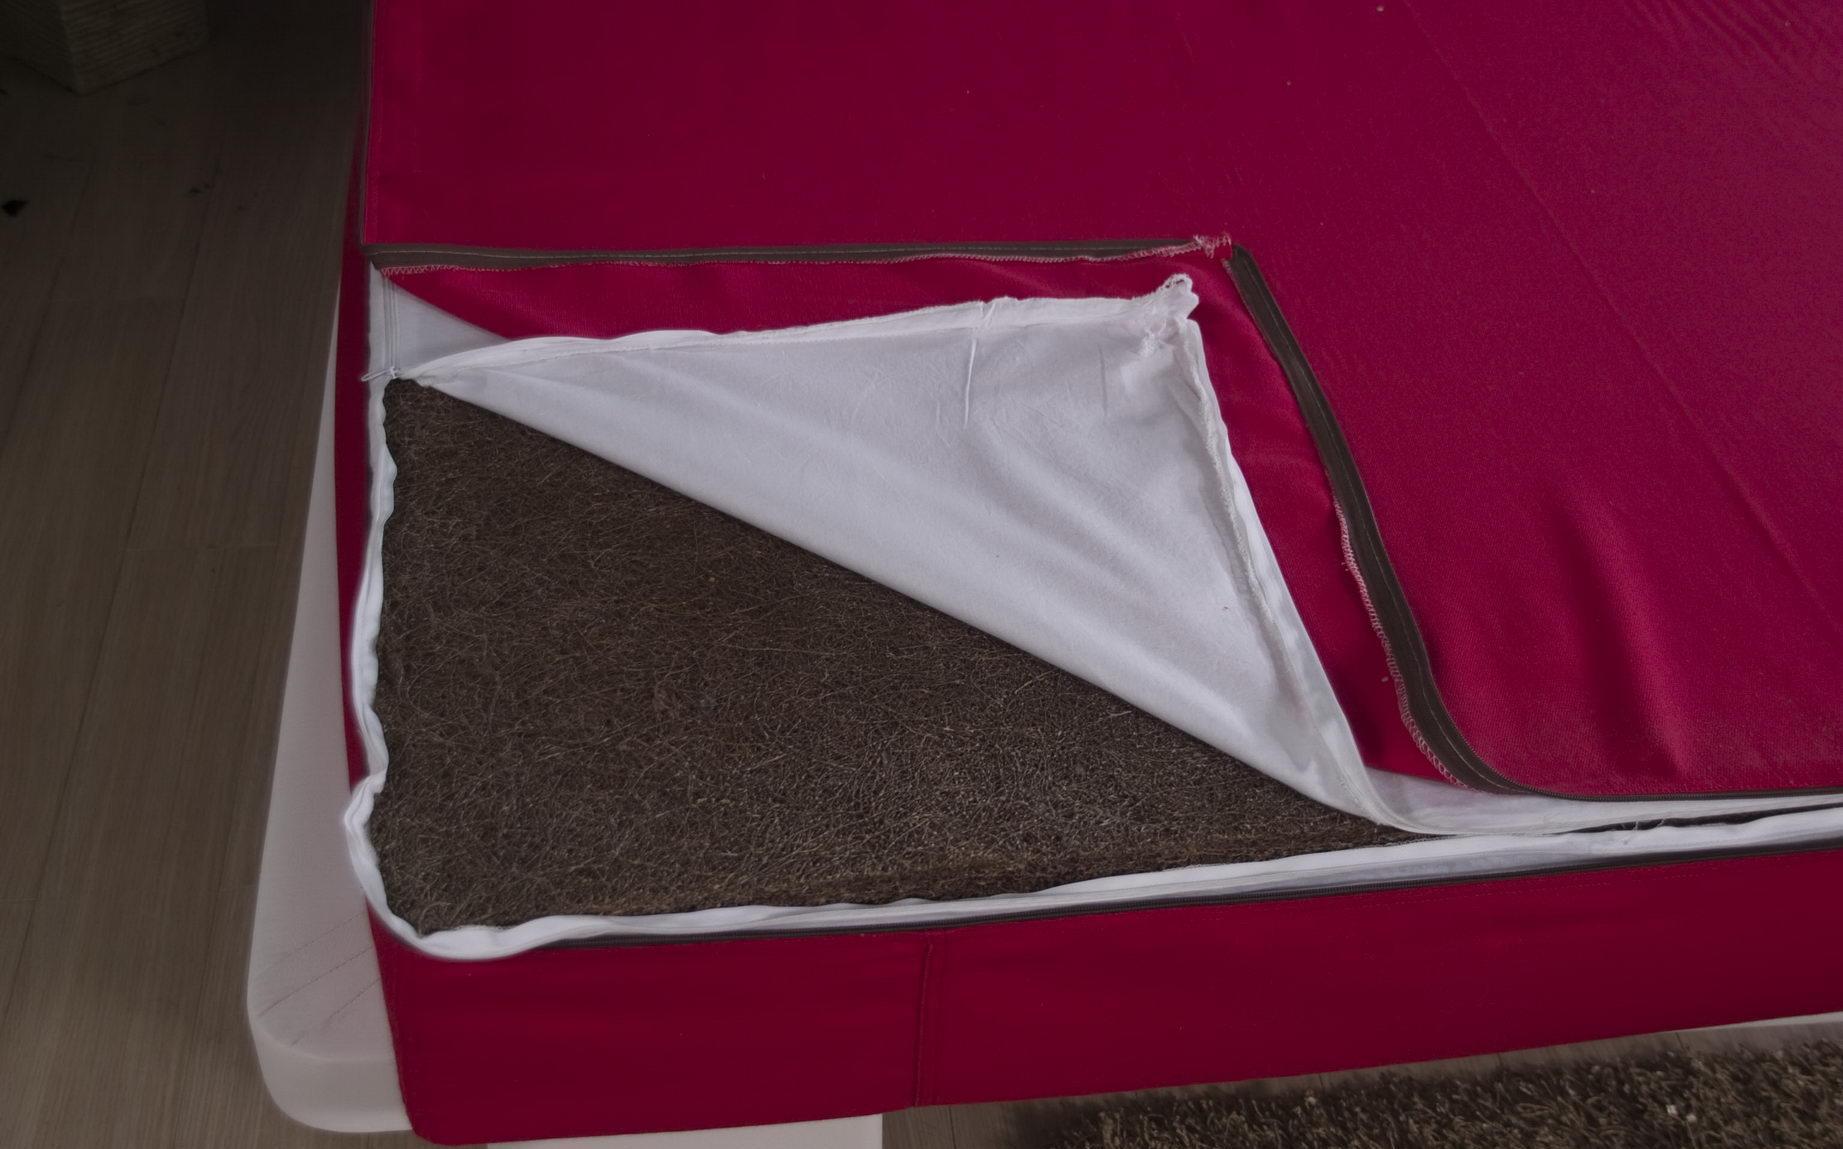 大自然棕床垫梦境系列CRW_0061